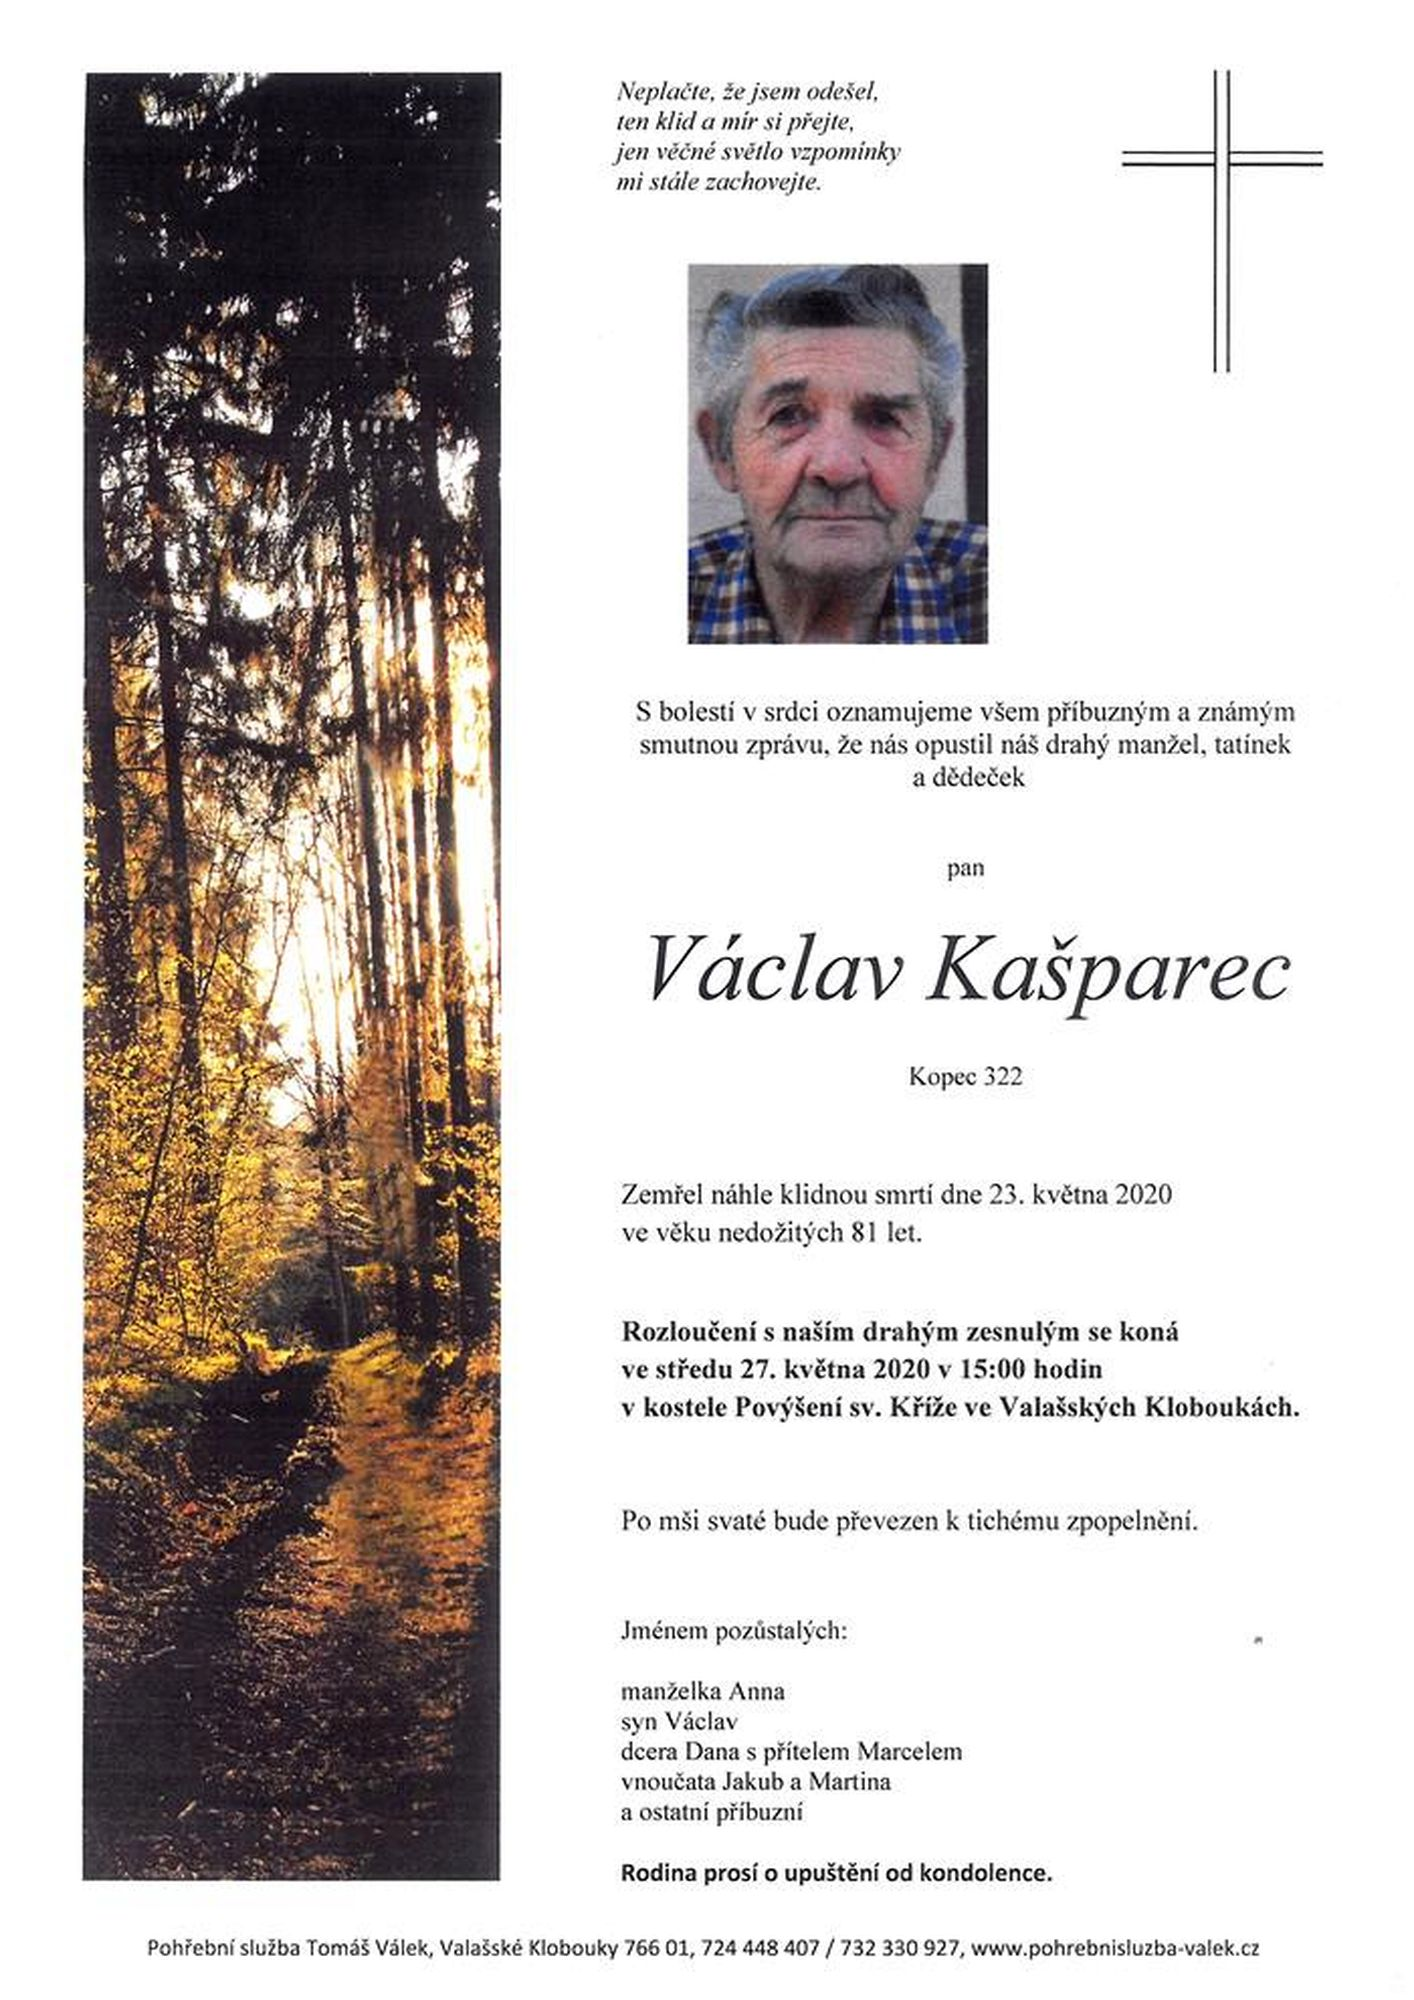 Václav Kašparec